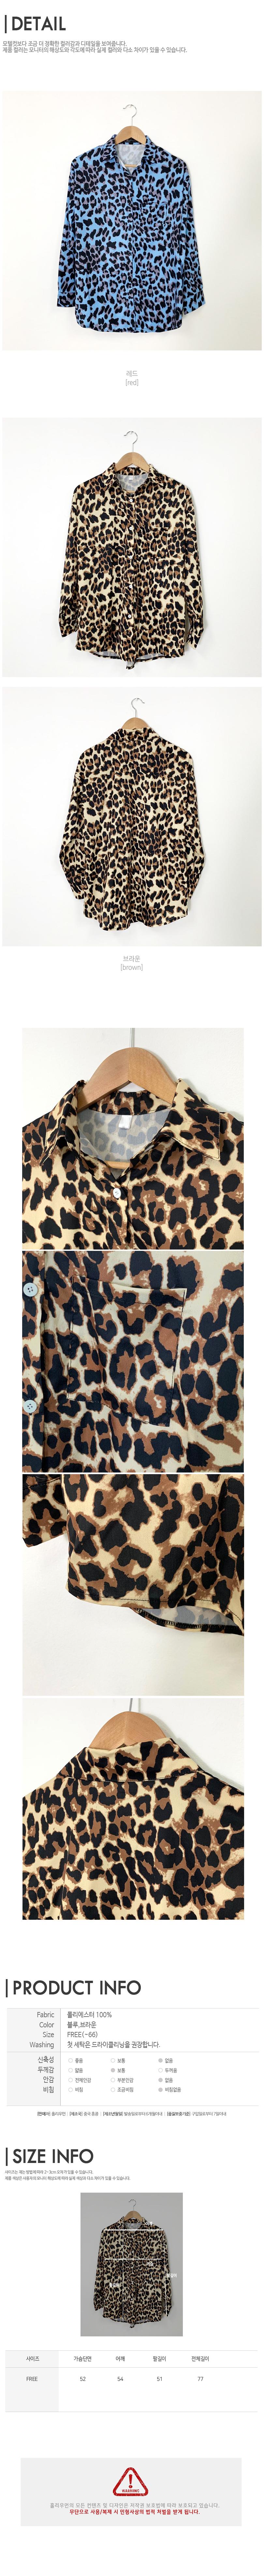 홀리 여성 시크 레오파드 포켓 블라우스 - 홀리우먼, 25,900원, 상의, 블라우스/셔츠